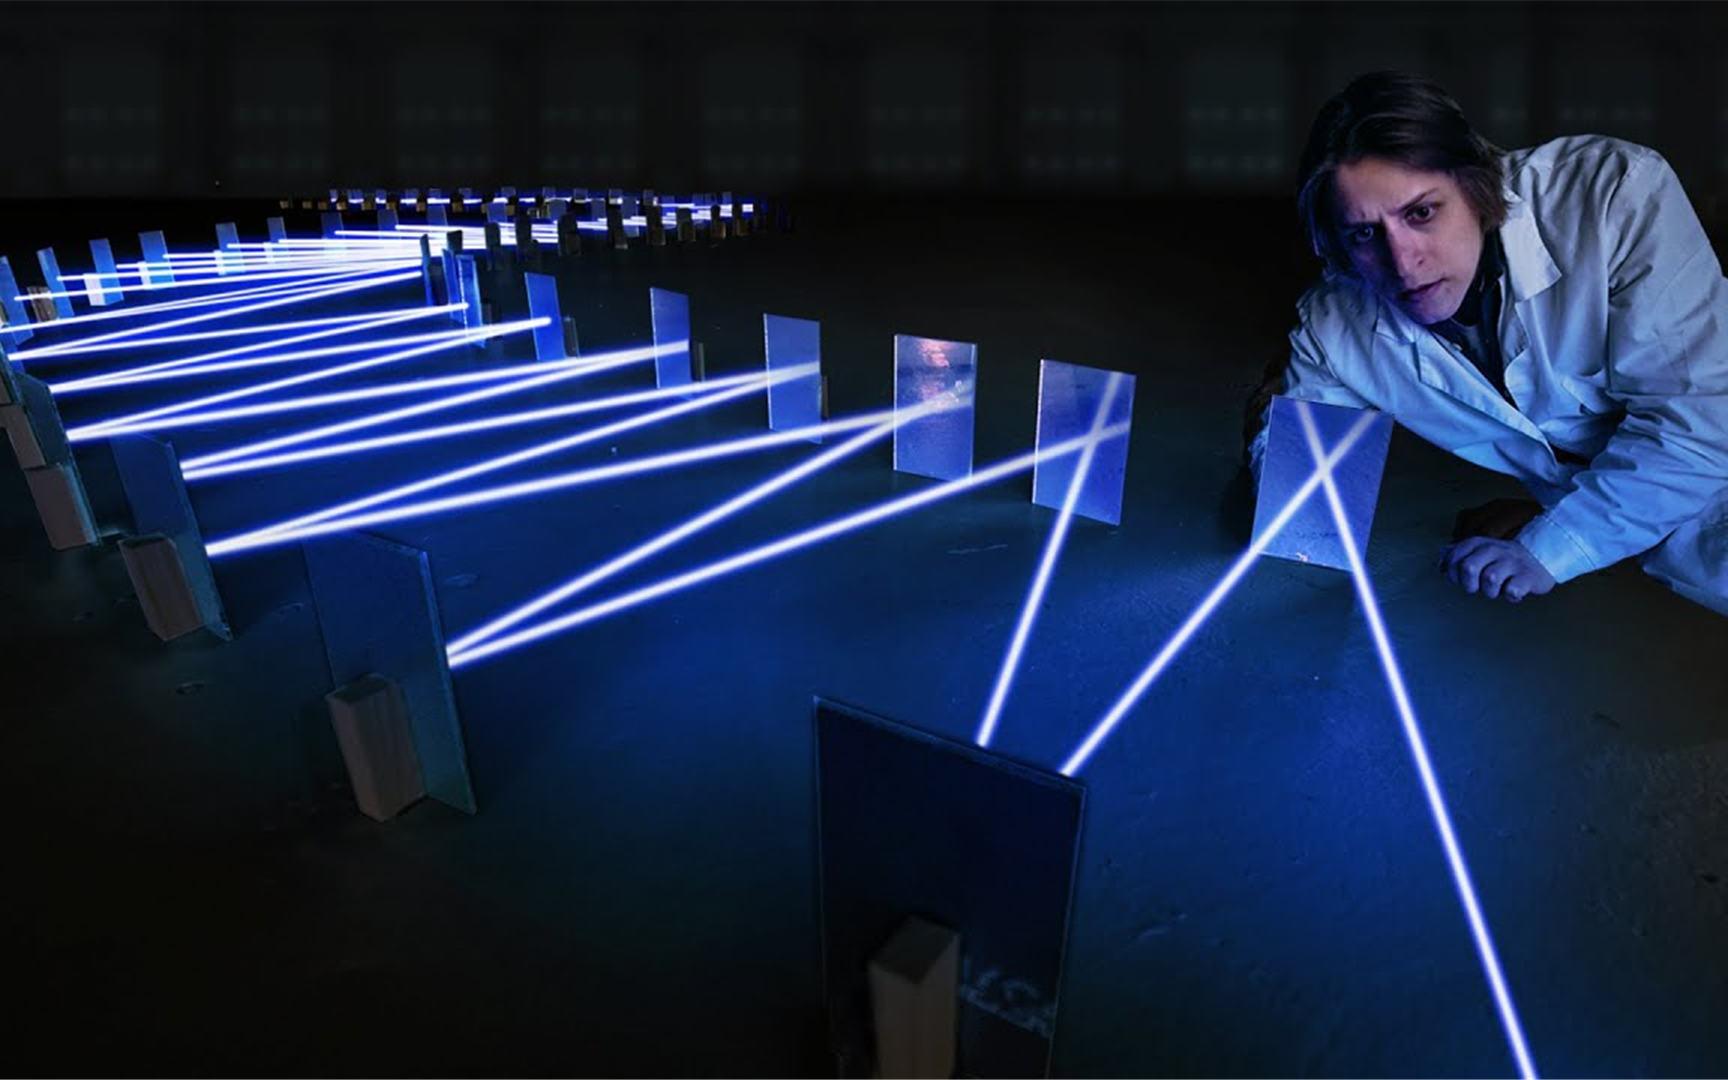 光到底能被反射多少次?老外用激光测试,场面竟然十分漂亮!